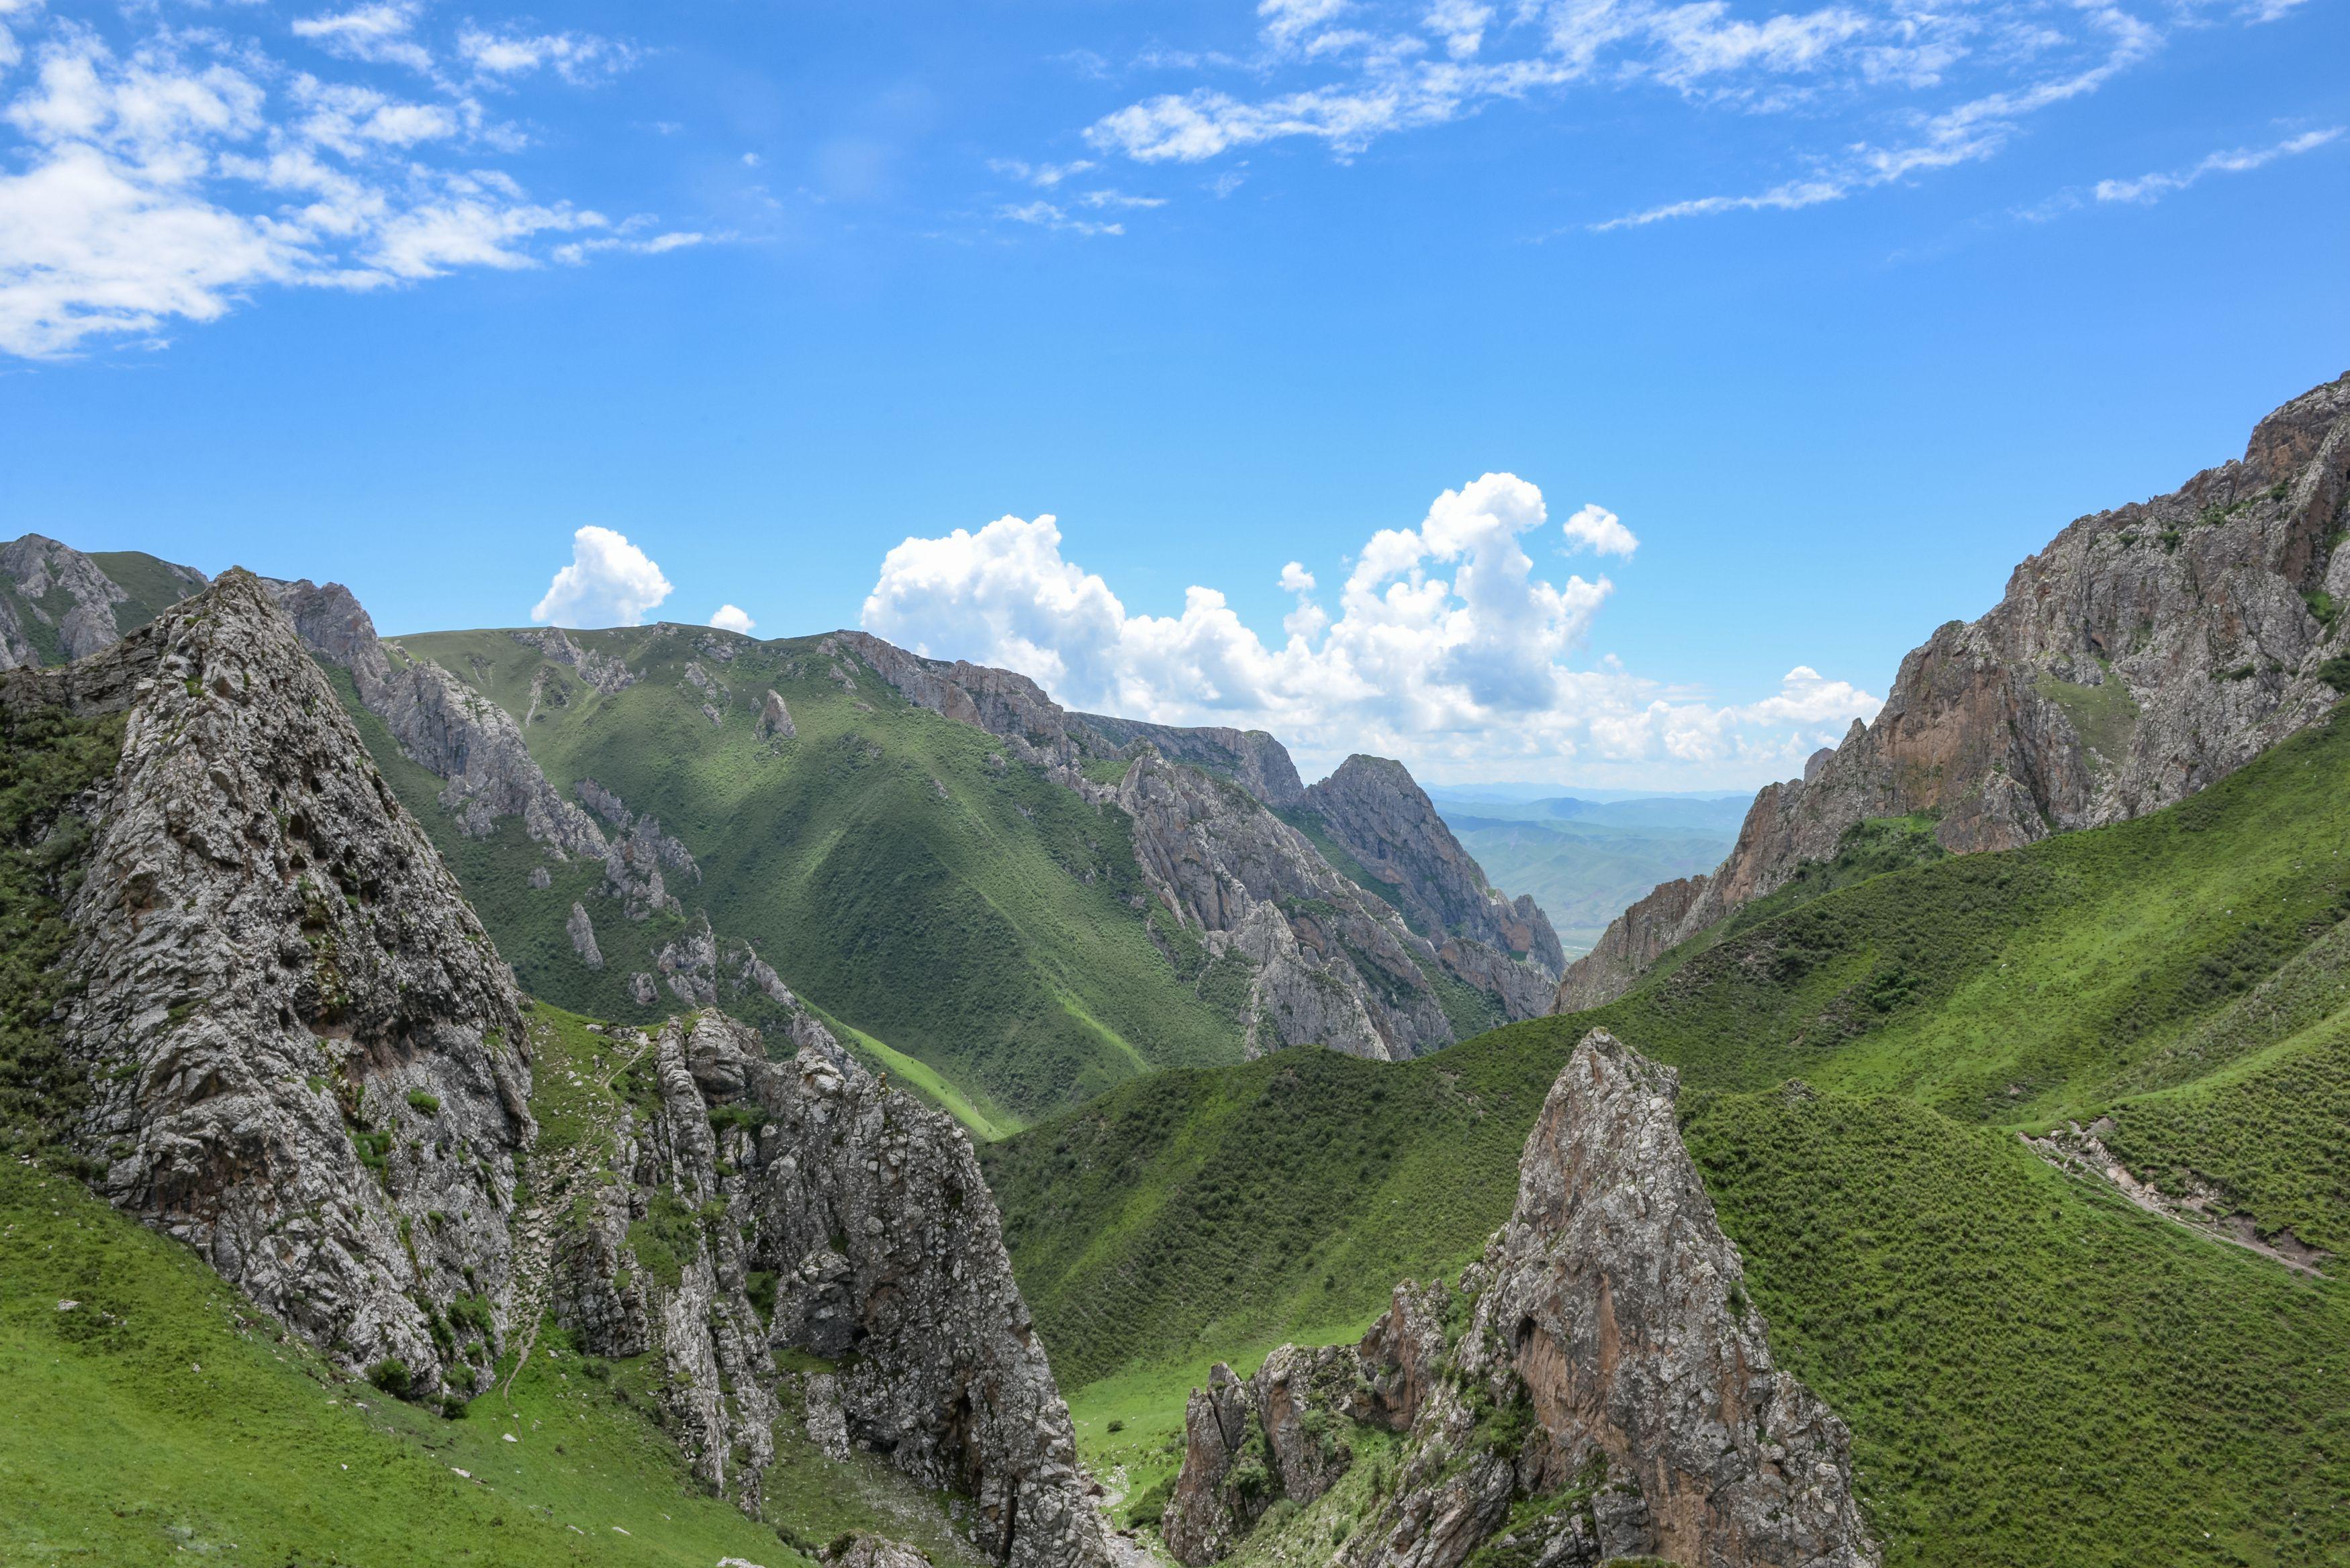 Seeting of the Biashiya Karst Cave on the Tibetan Plateau